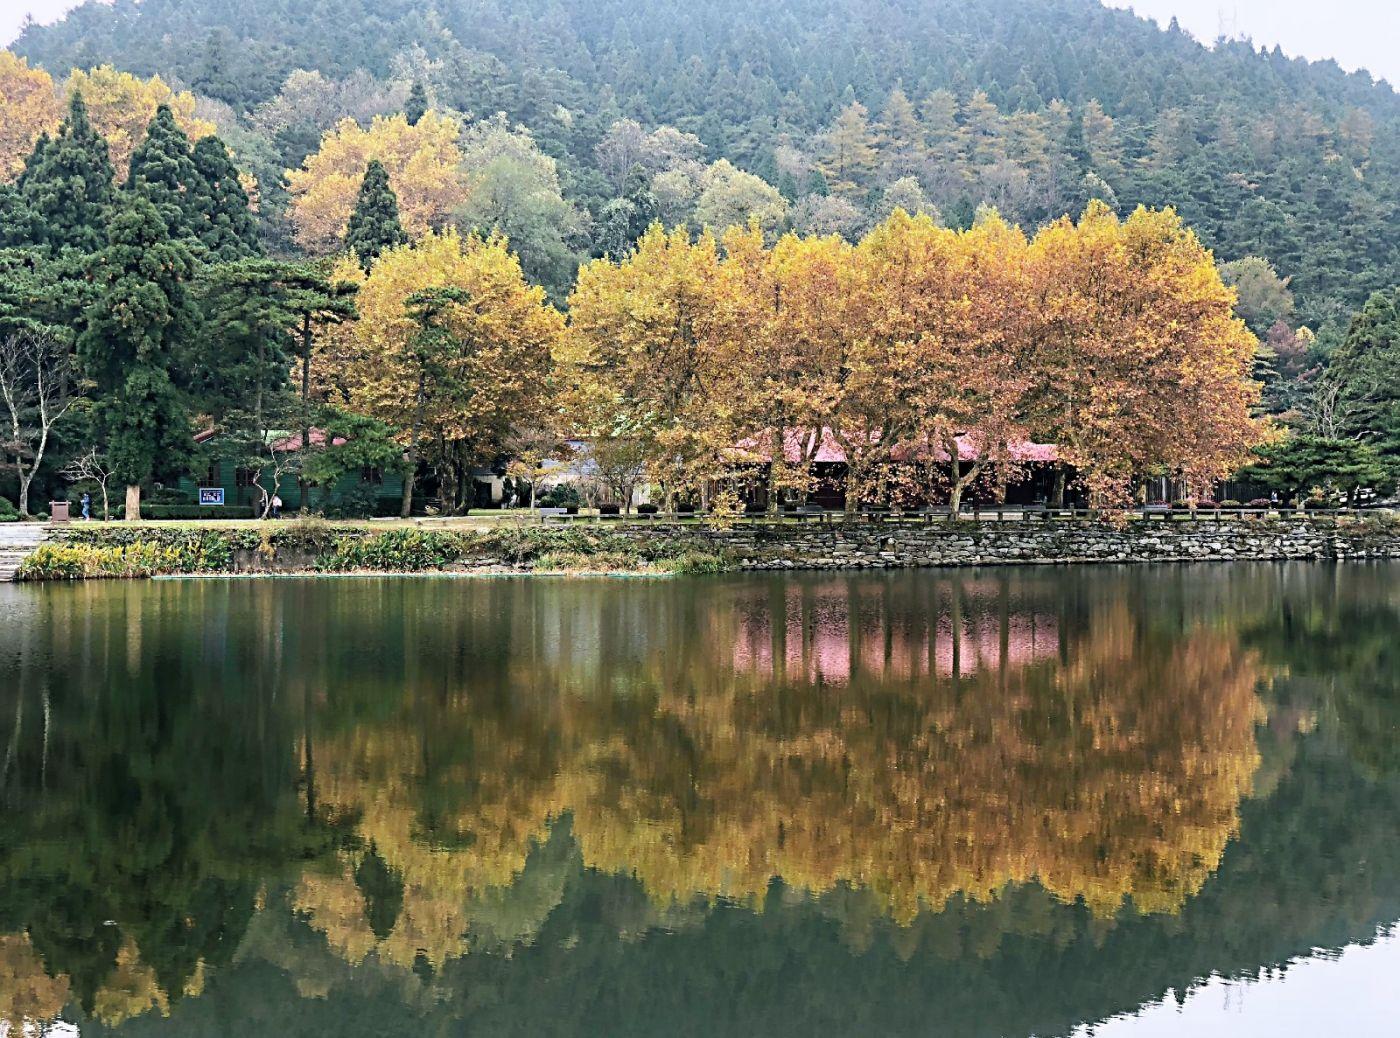 【田螺随拍】秋色庐山-手机版_图1-30